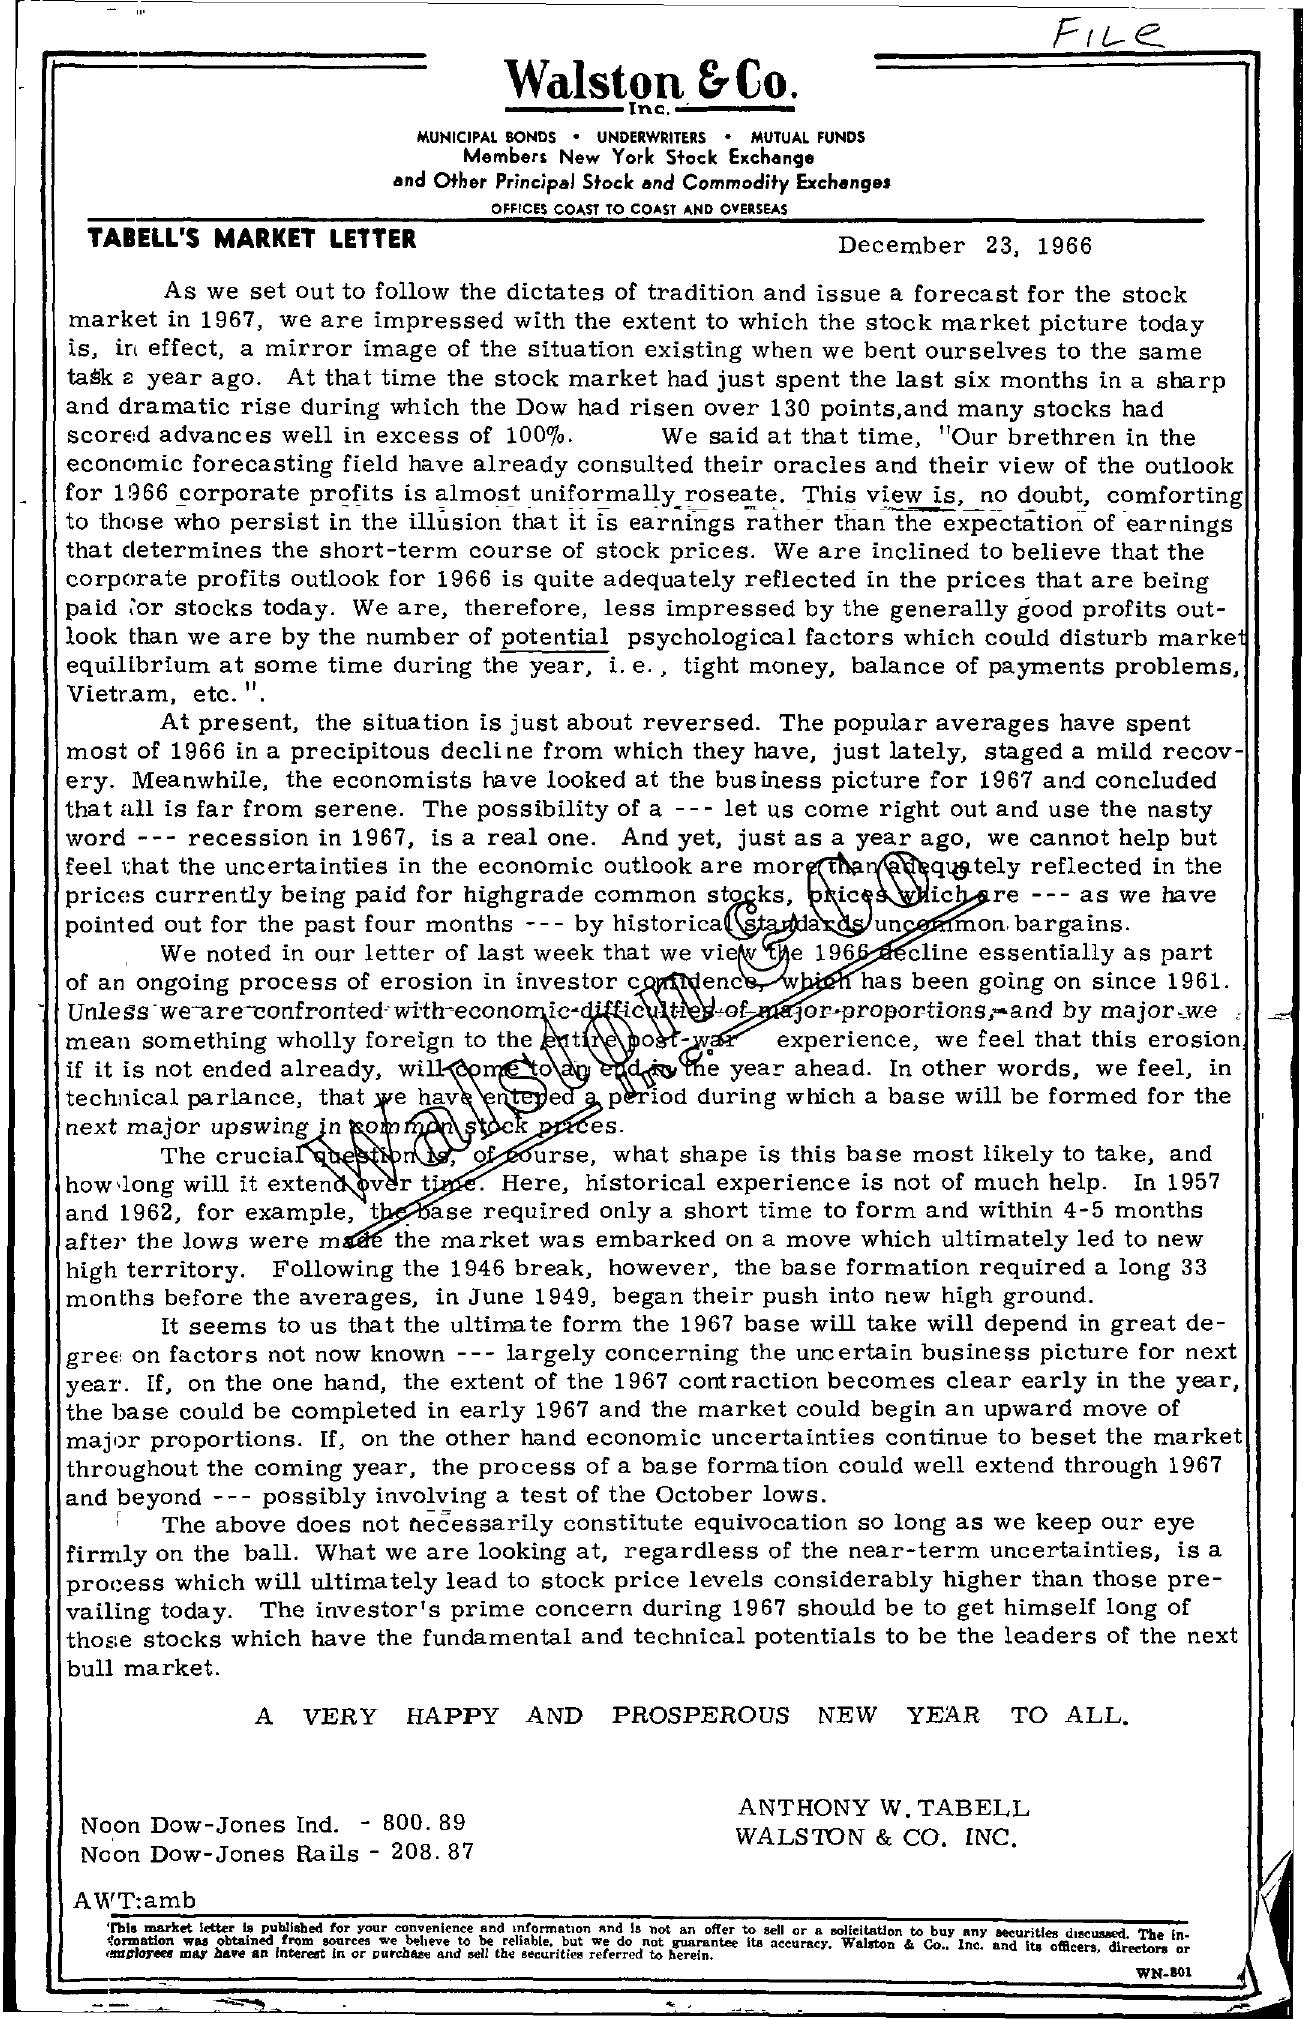 Tabell's Market Letter - December 23, 1966